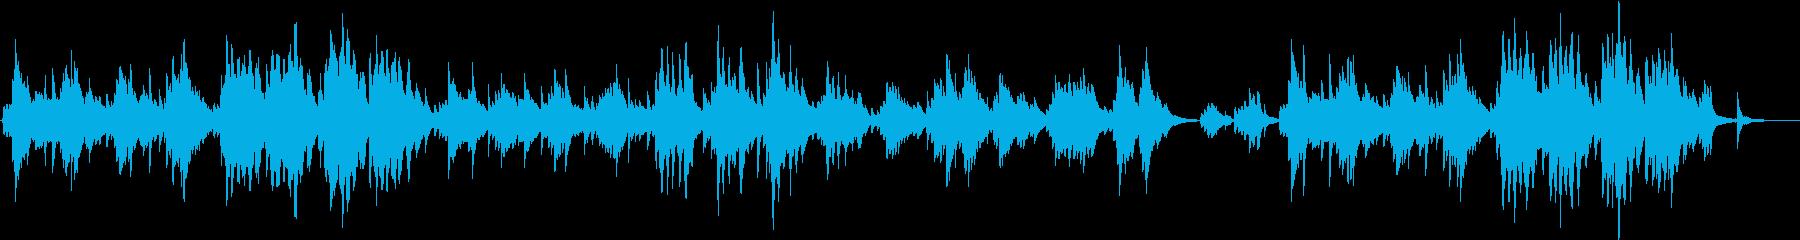 木枯らし吹く秋の風景のピアノソロ・長め版の再生済みの波形